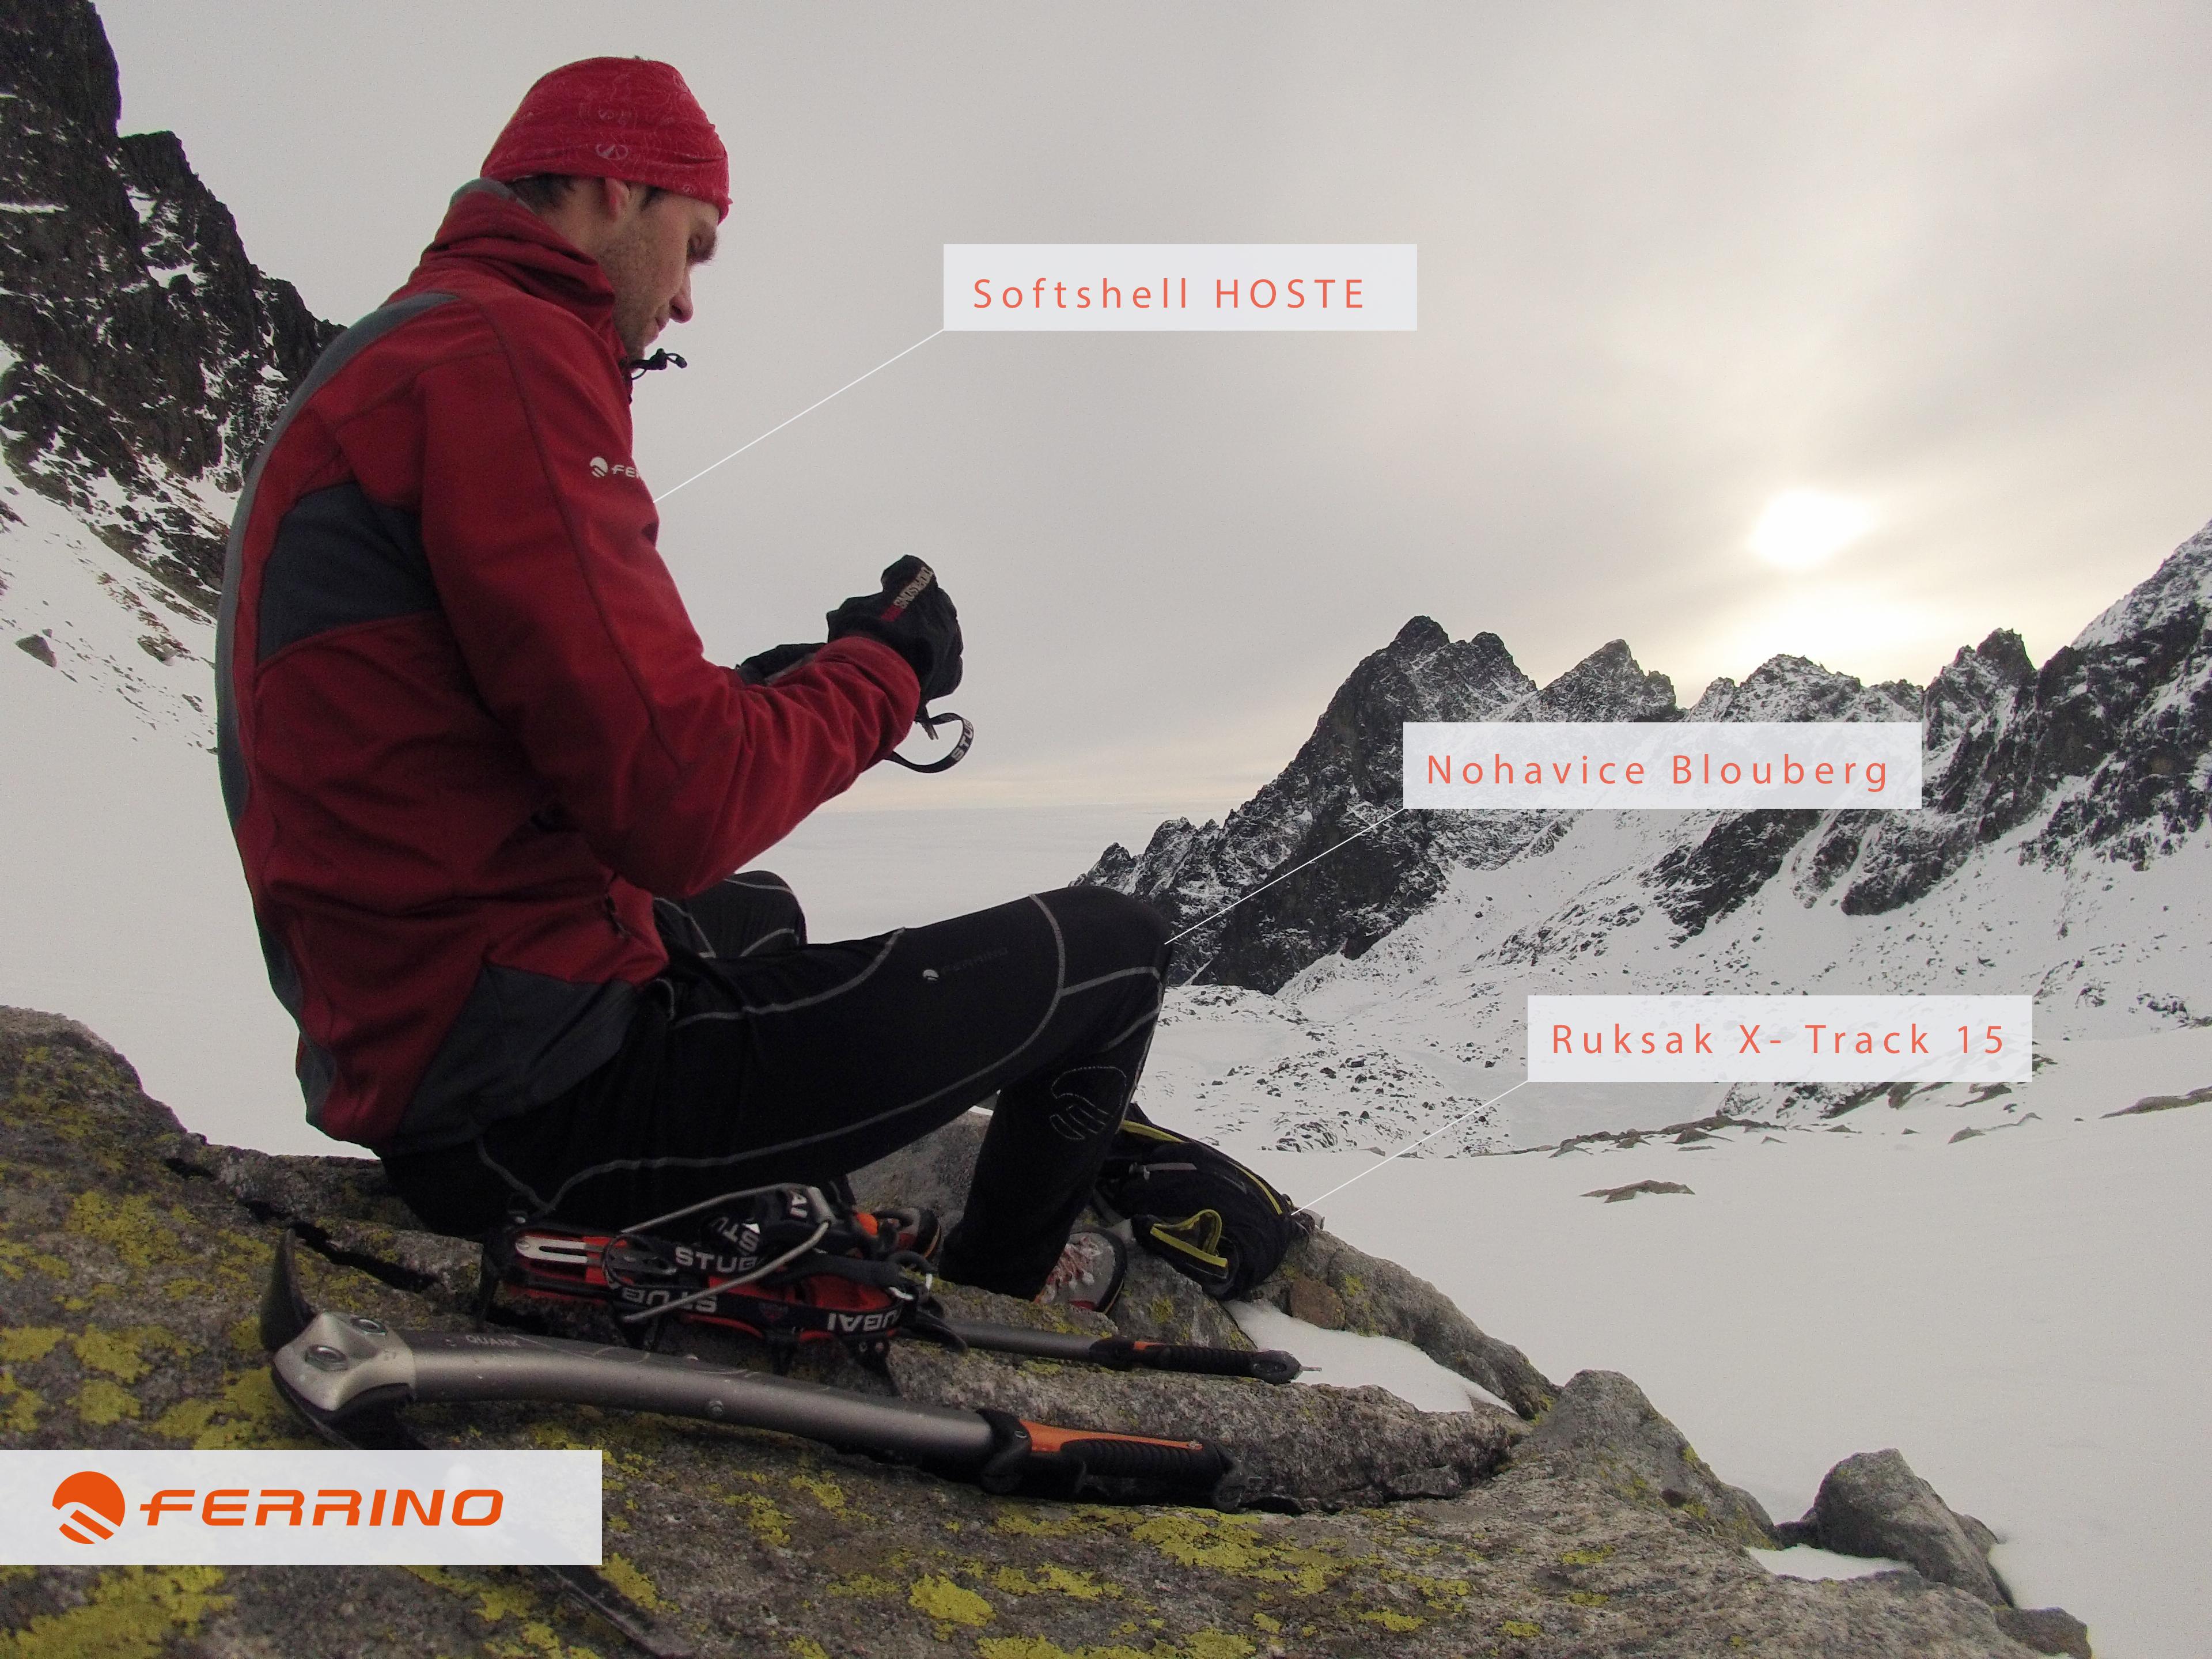 Ferrino ultra zimná ľahká výbava : Softshell bunda Hoste, špičkové elastické nohavice Blouberg, Legendárny veľmi odolný bežecký ruksak X- Track 15